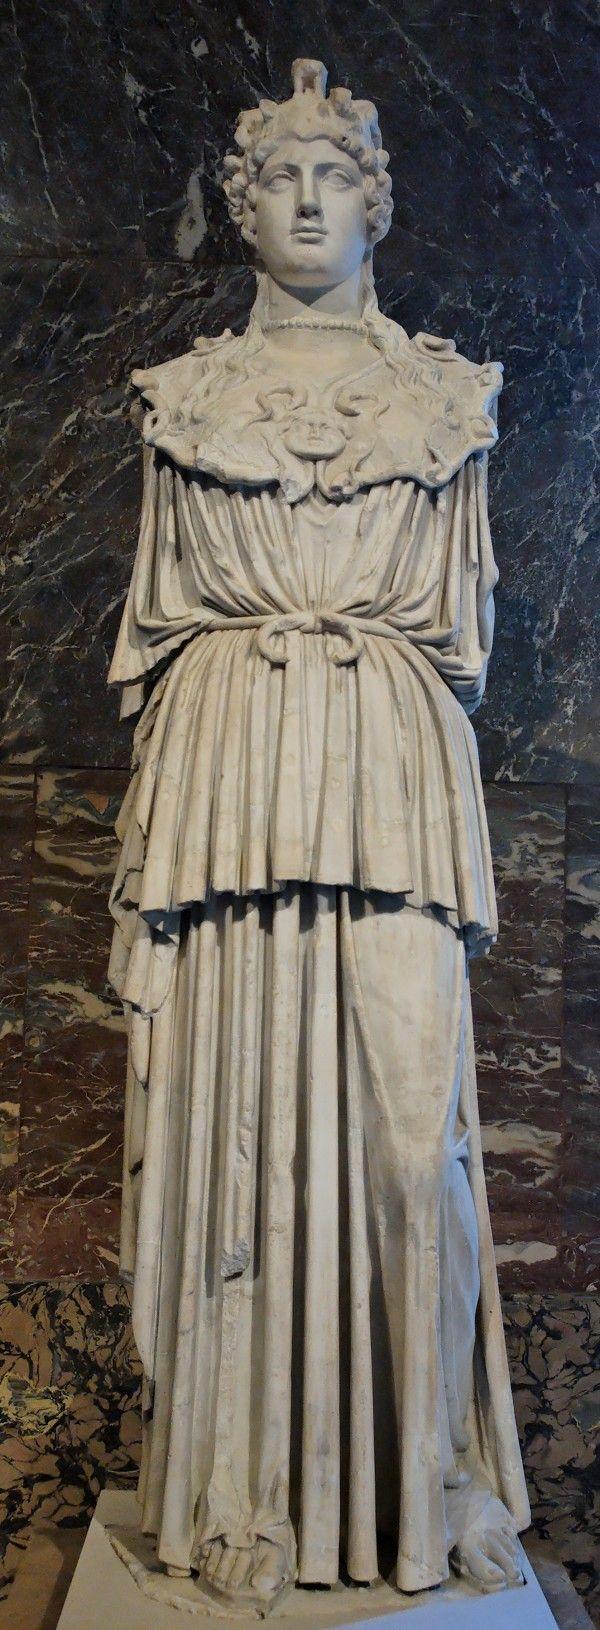 Древнегреческая скульптура,Афина Парфенос Лувр Париж шедевры мировой живописи бесплатно скачать